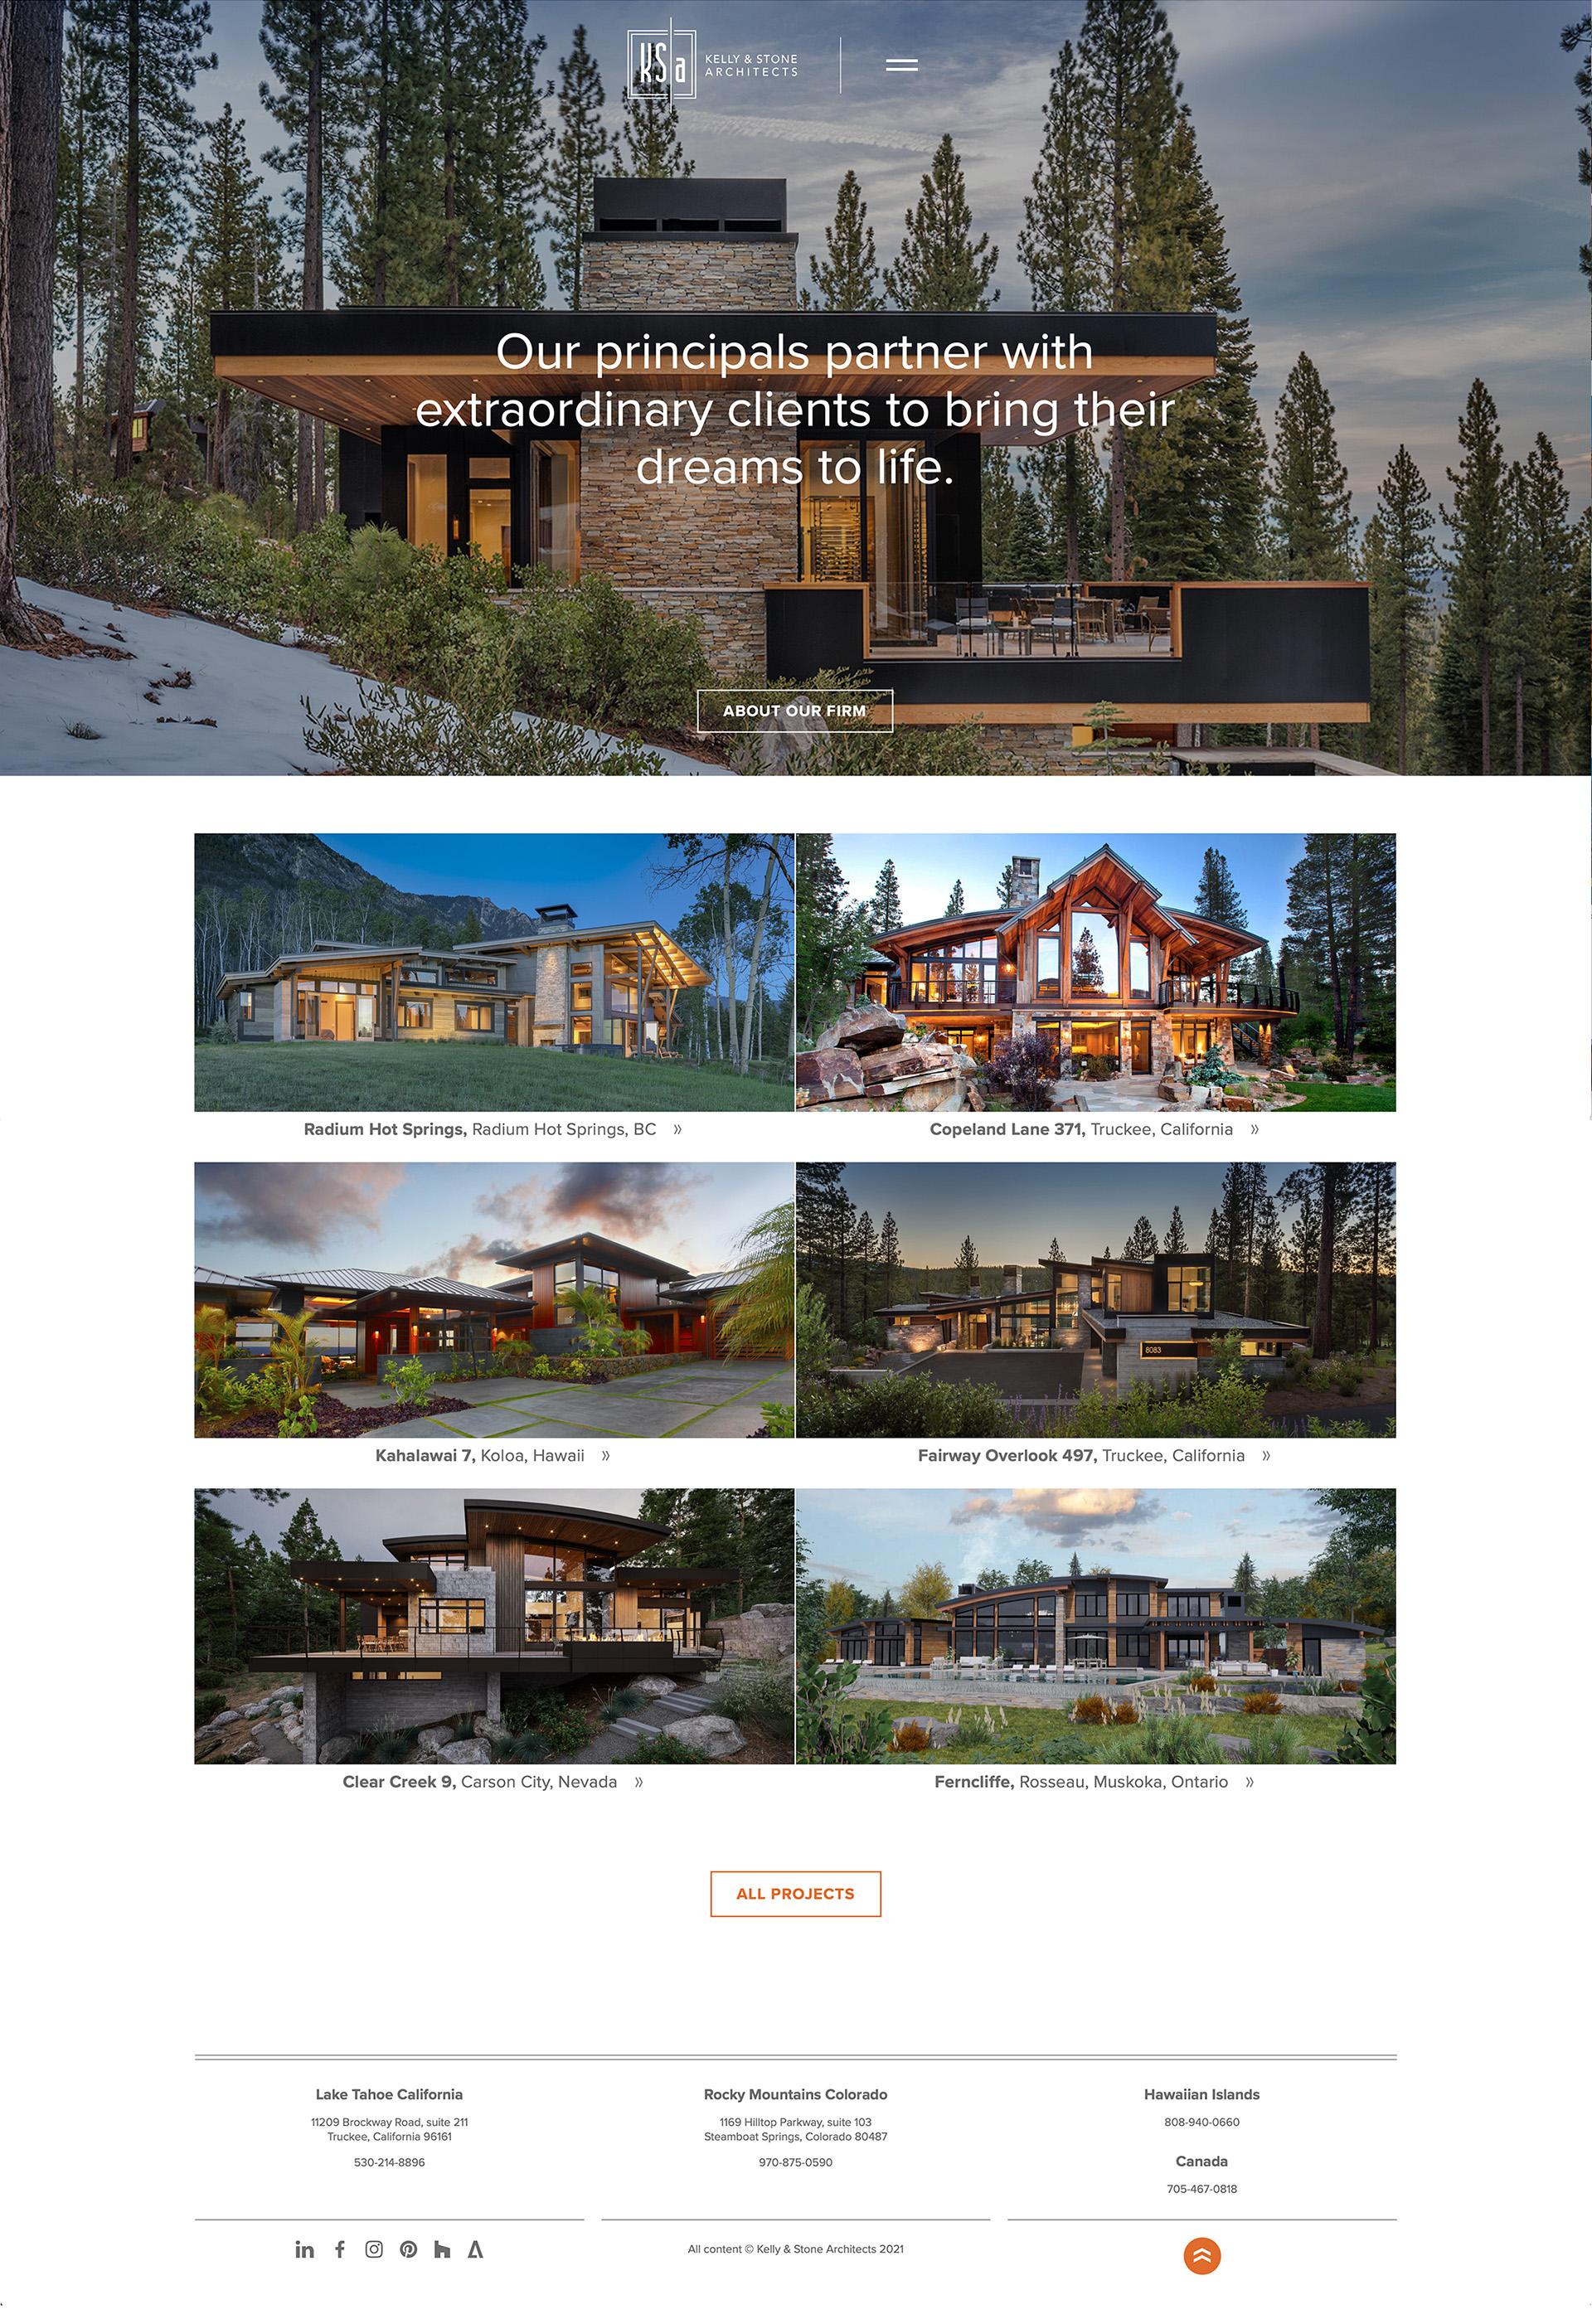 KS|a website home